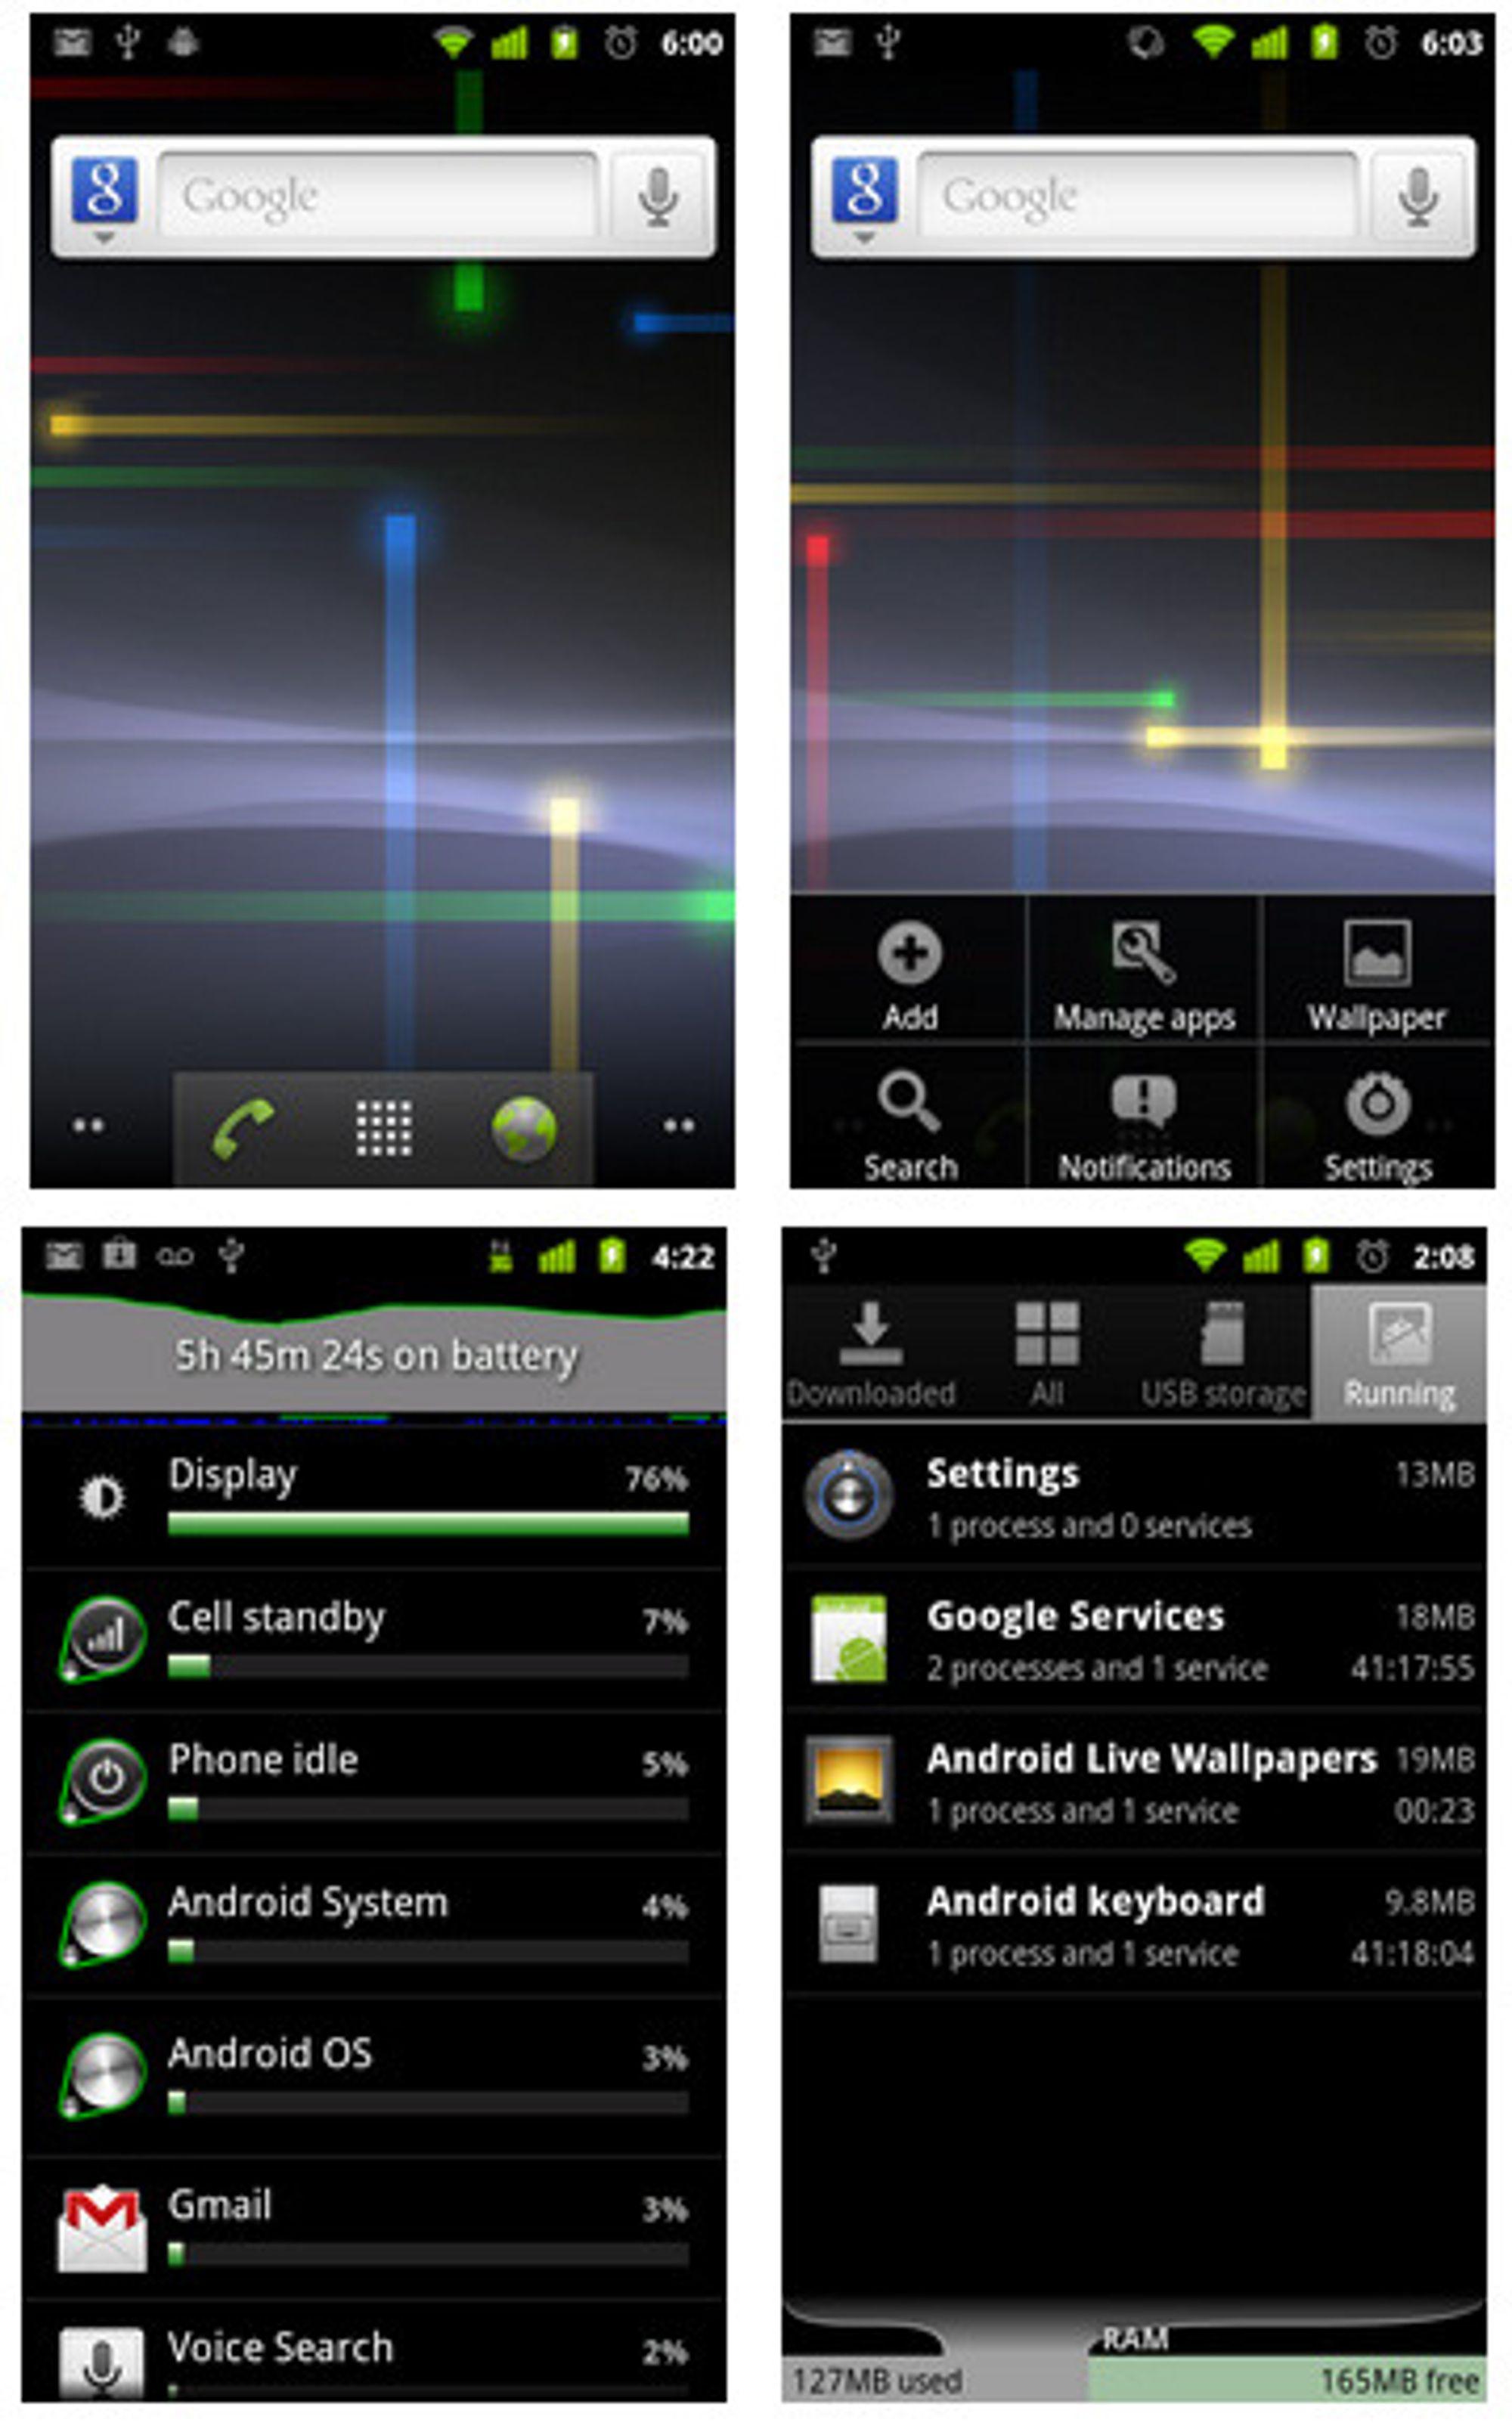 Standard brukergrensesnitt i Android 2.3.